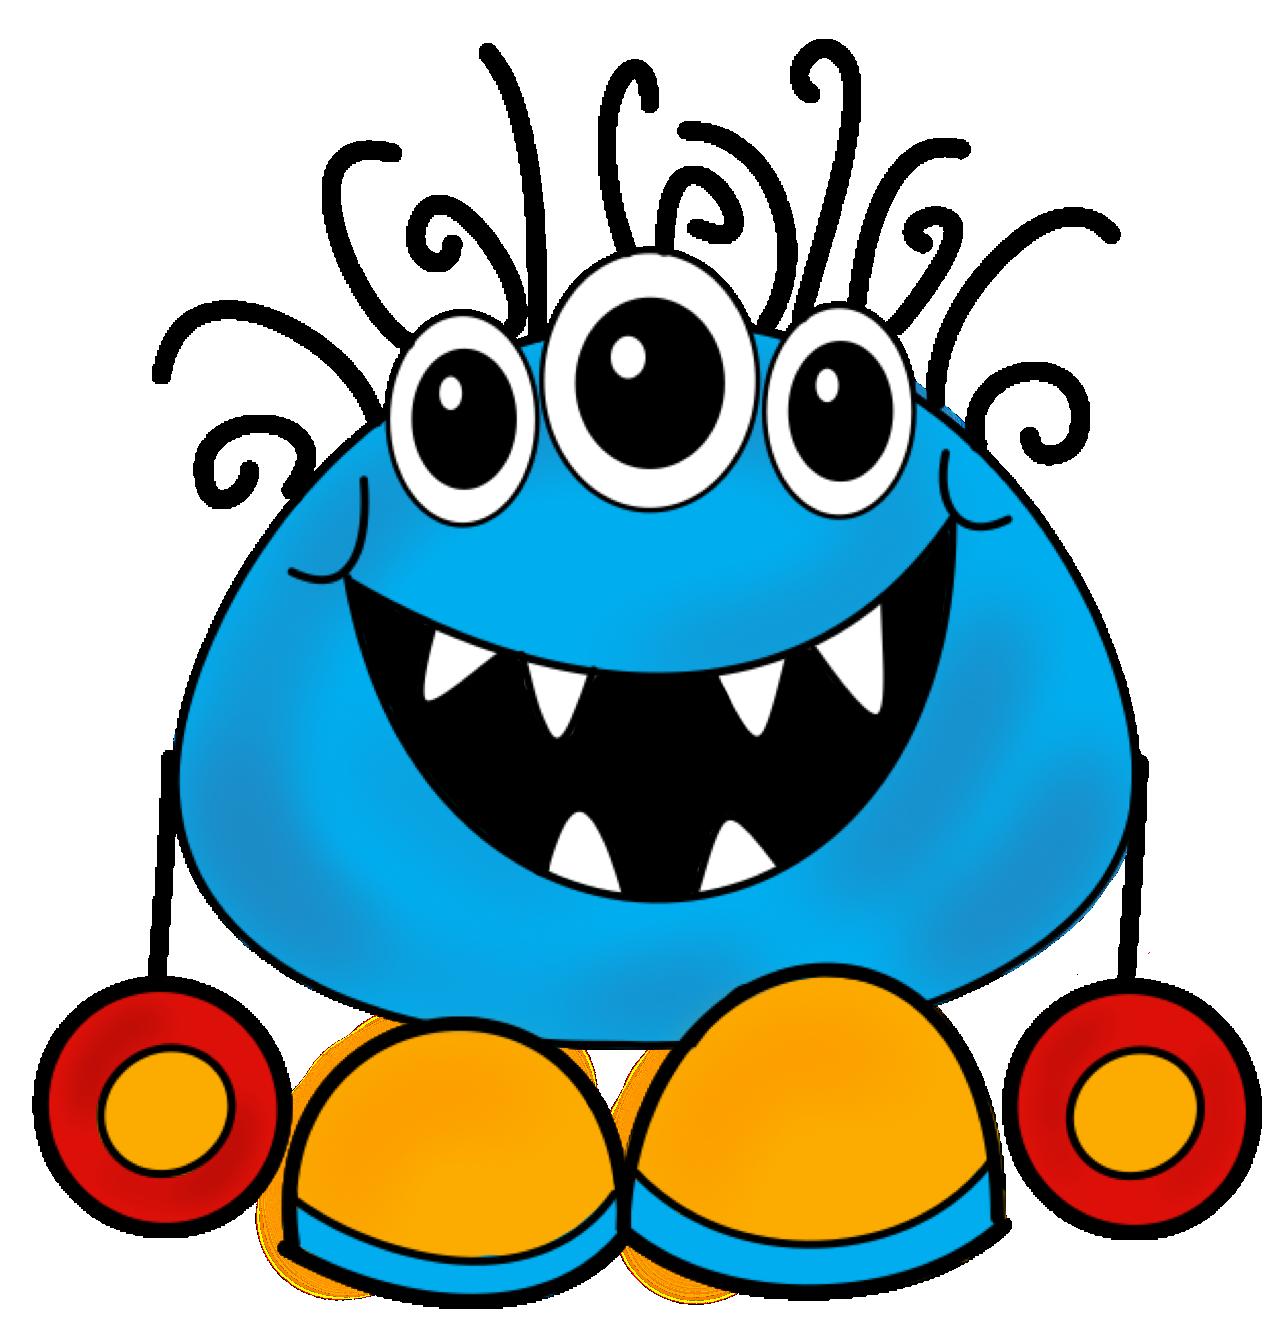 Monster clip art cartoon. 2 clipart monsters